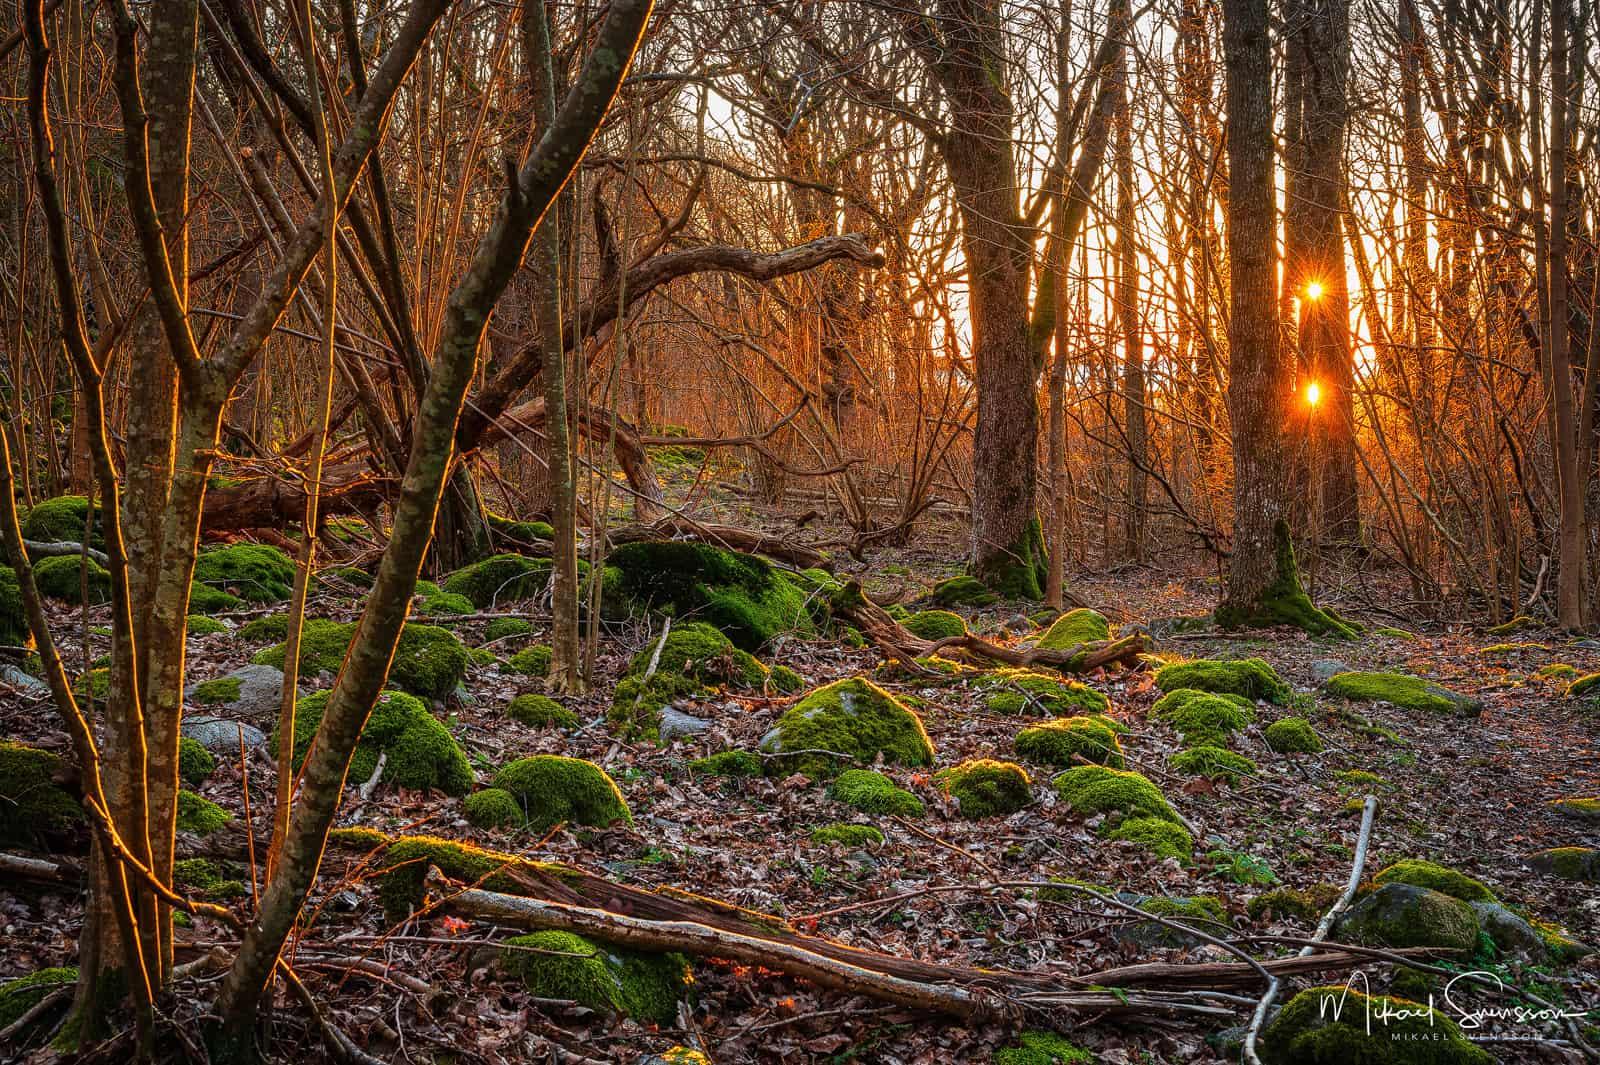 Solnedgång vid Hördalens naturreservat, Kungsbacka kommun.